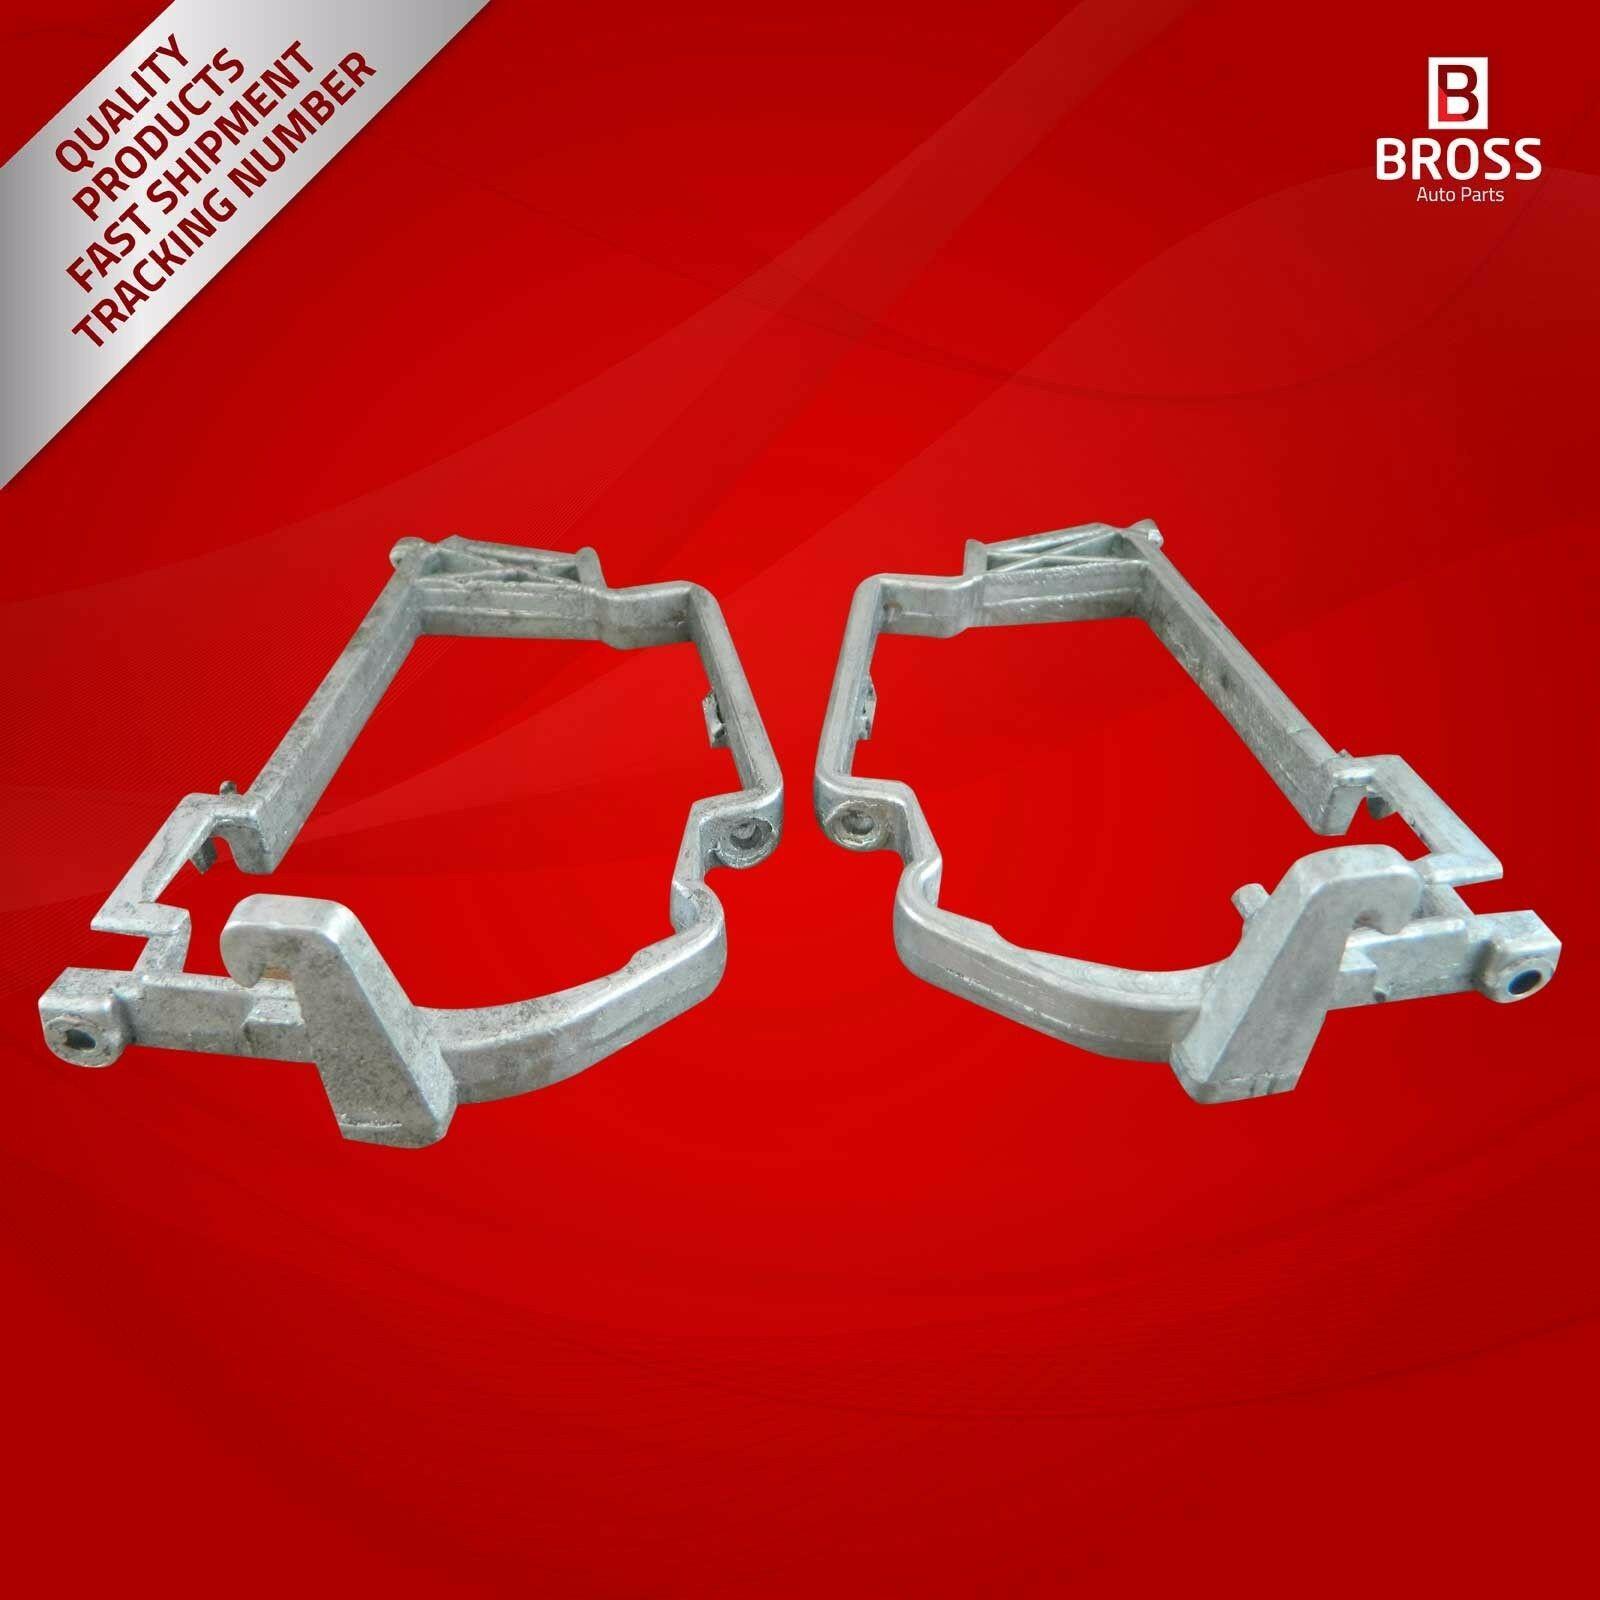 Bross BDP502 Kit de réparation de verre de rétroviseur latéral pour classe E W210 gauche et droite